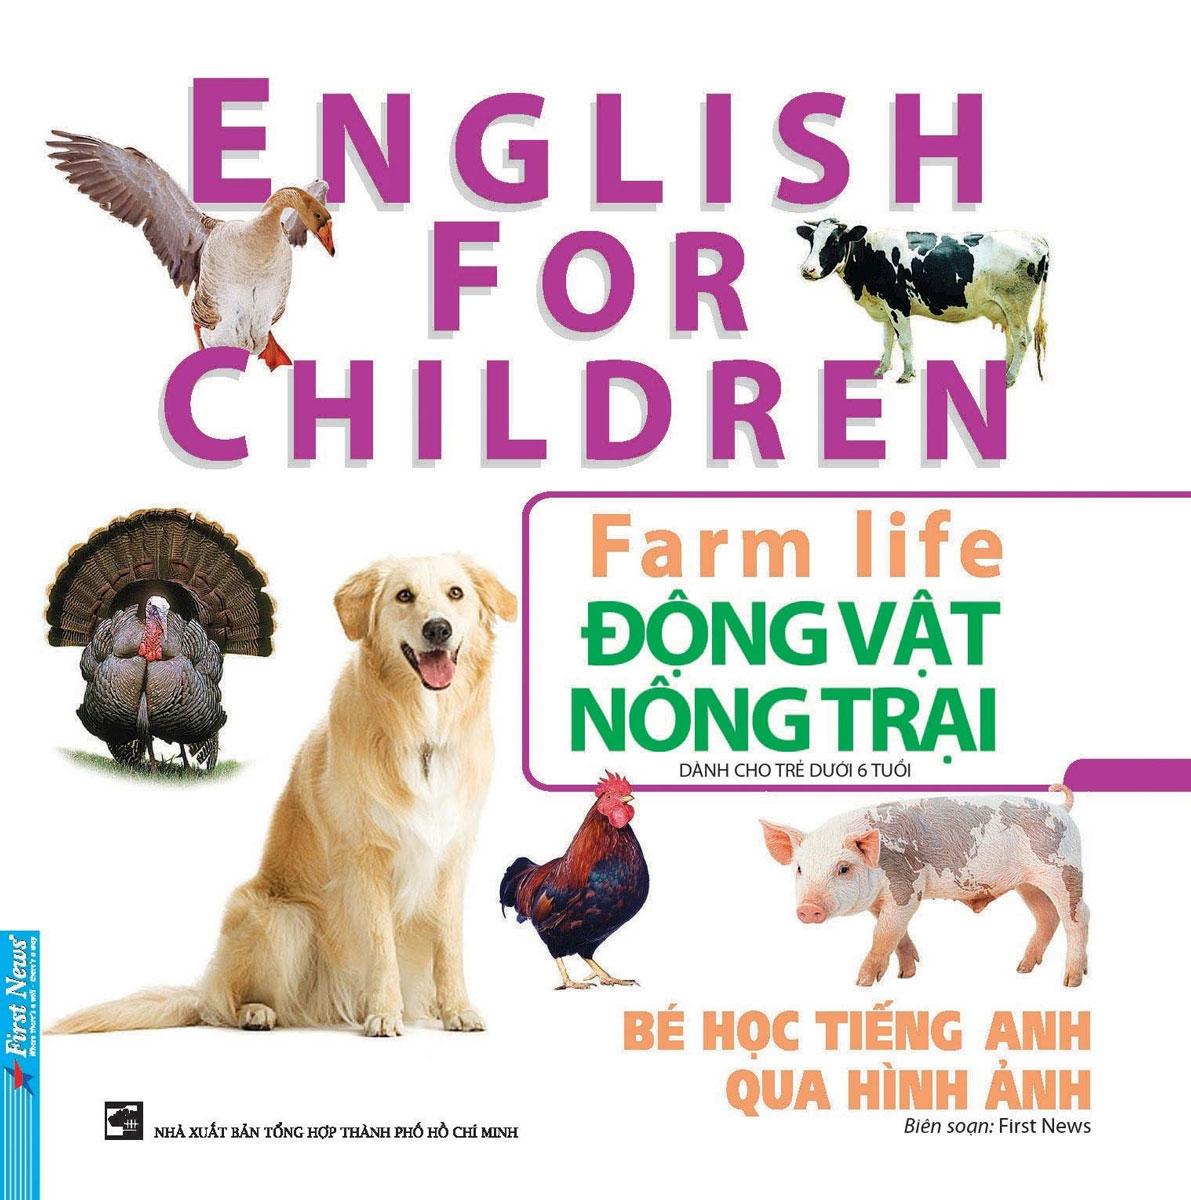 Bé Học Tiếng Anh Qua Hình Ảnh - Động Vật Nông Trại